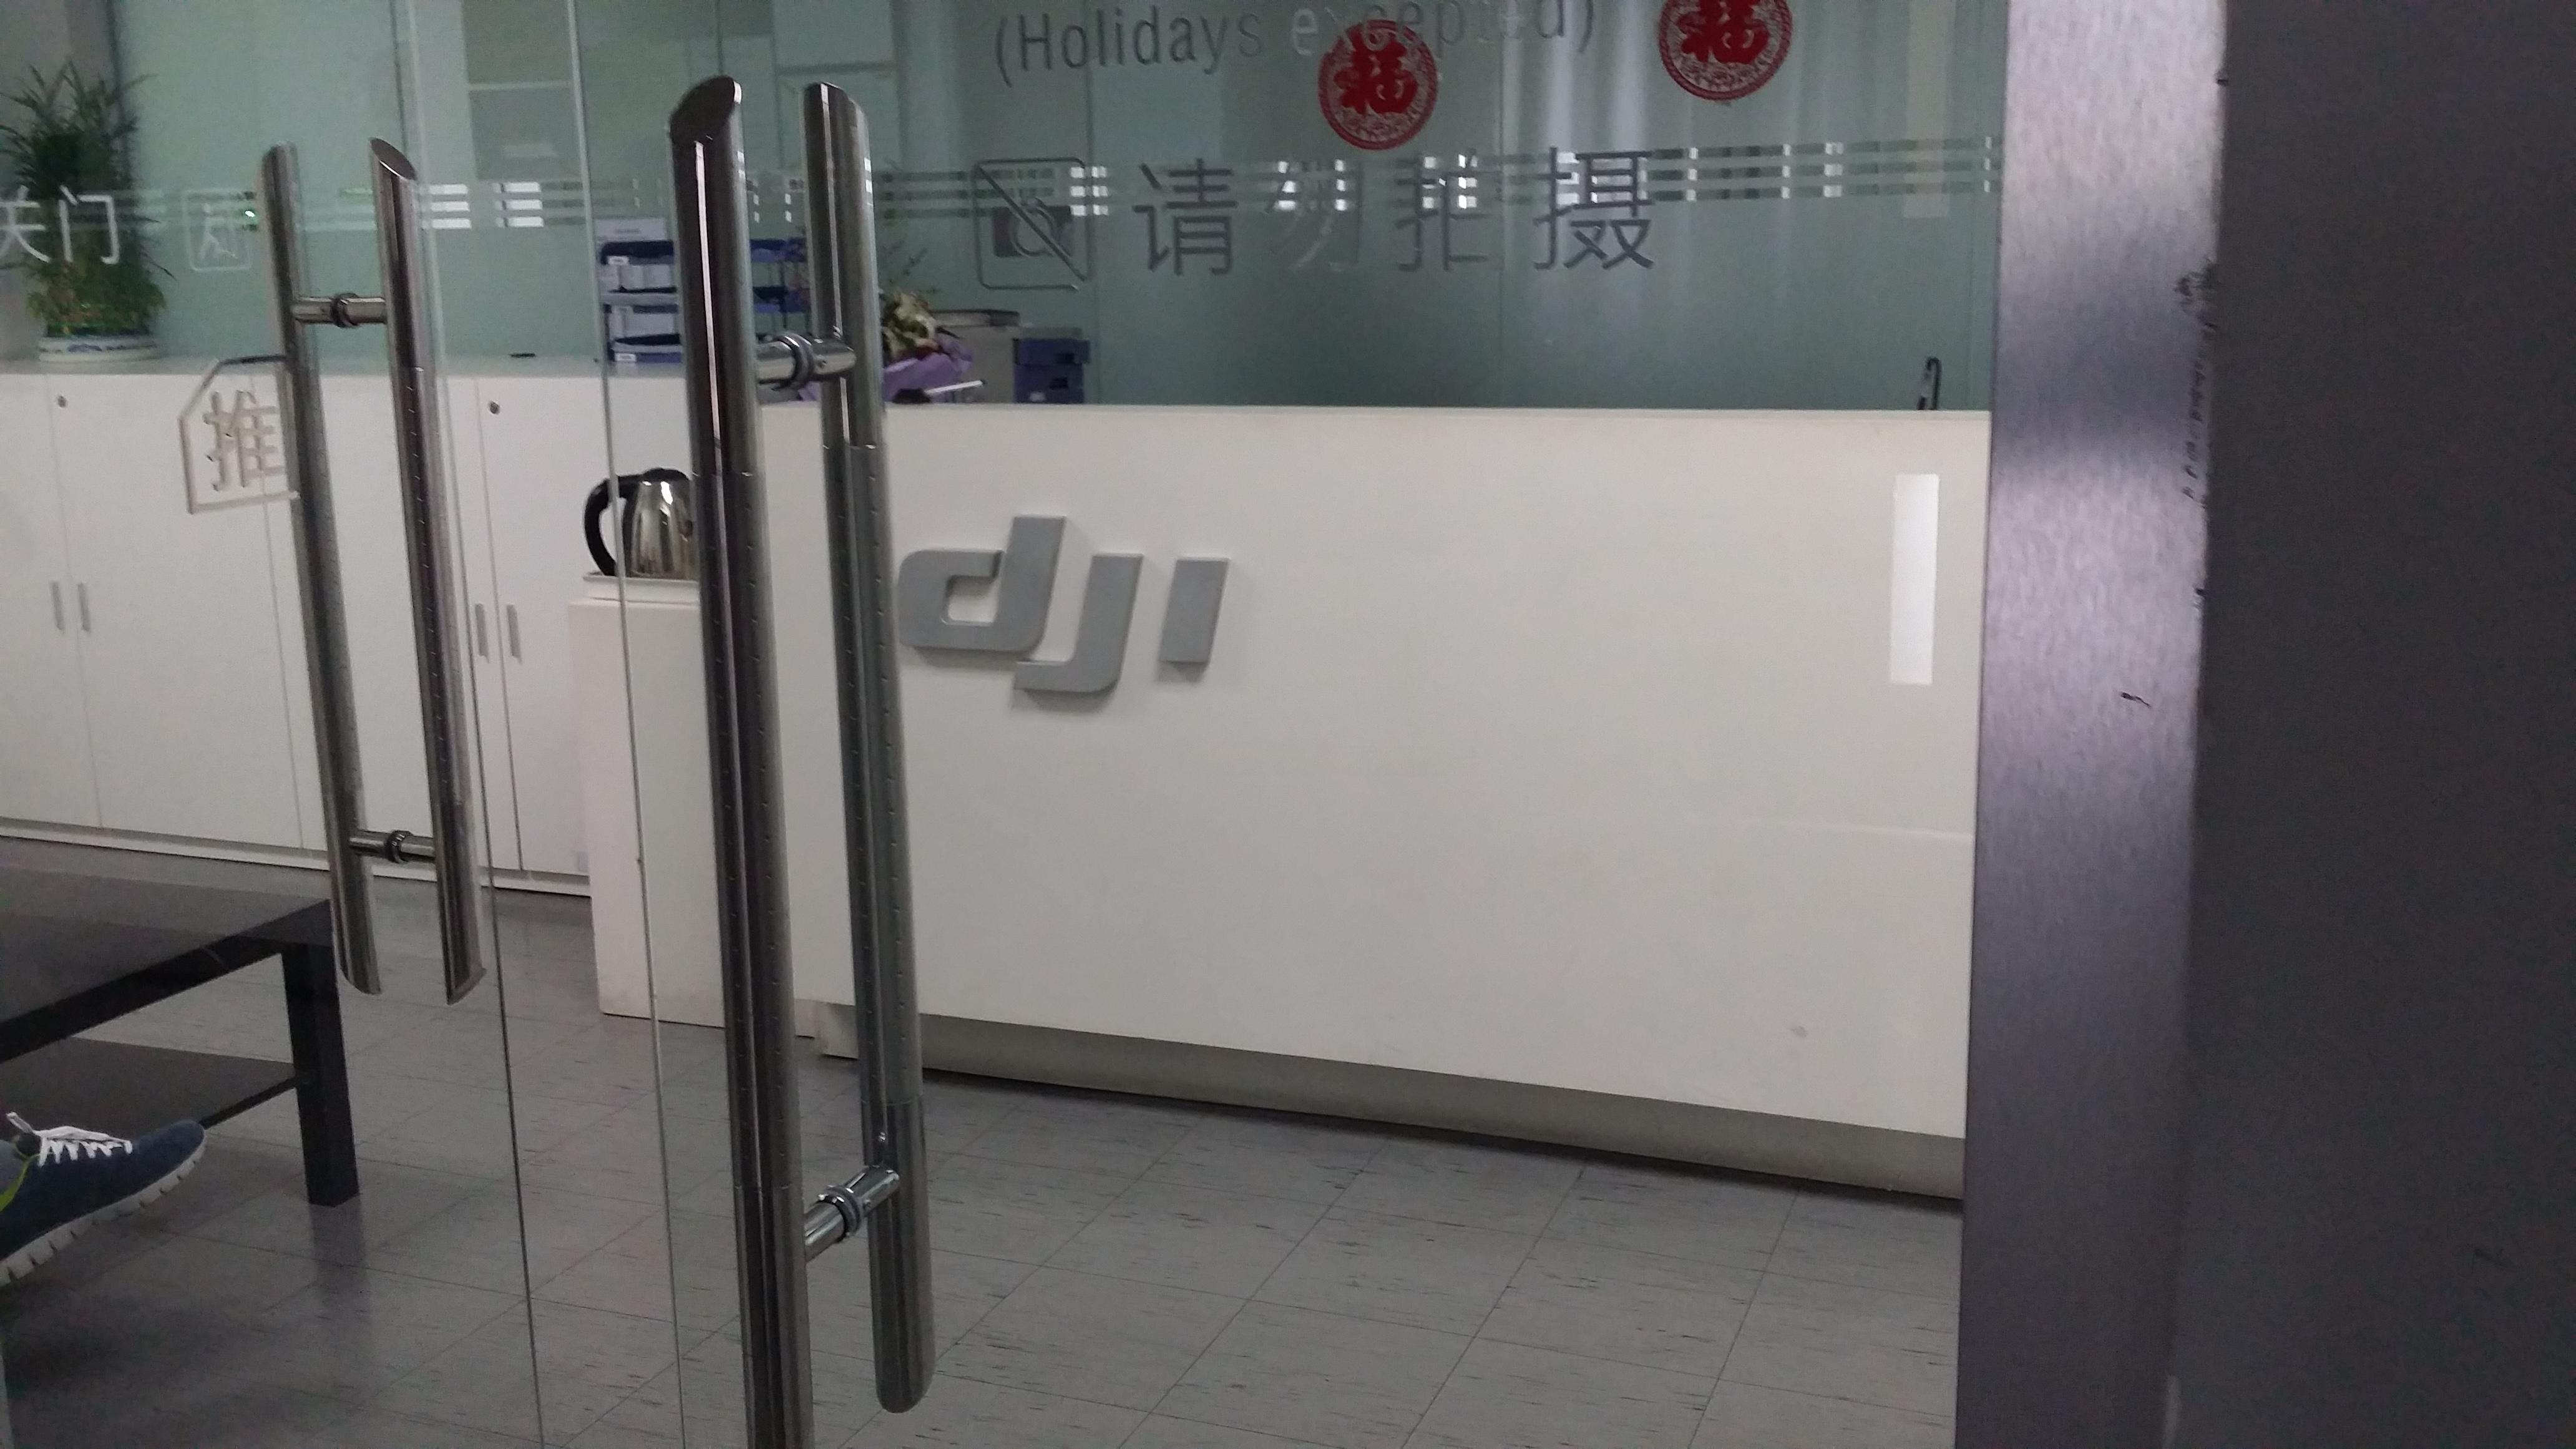 DJI Reception in Hong Kong University, Shenzhen